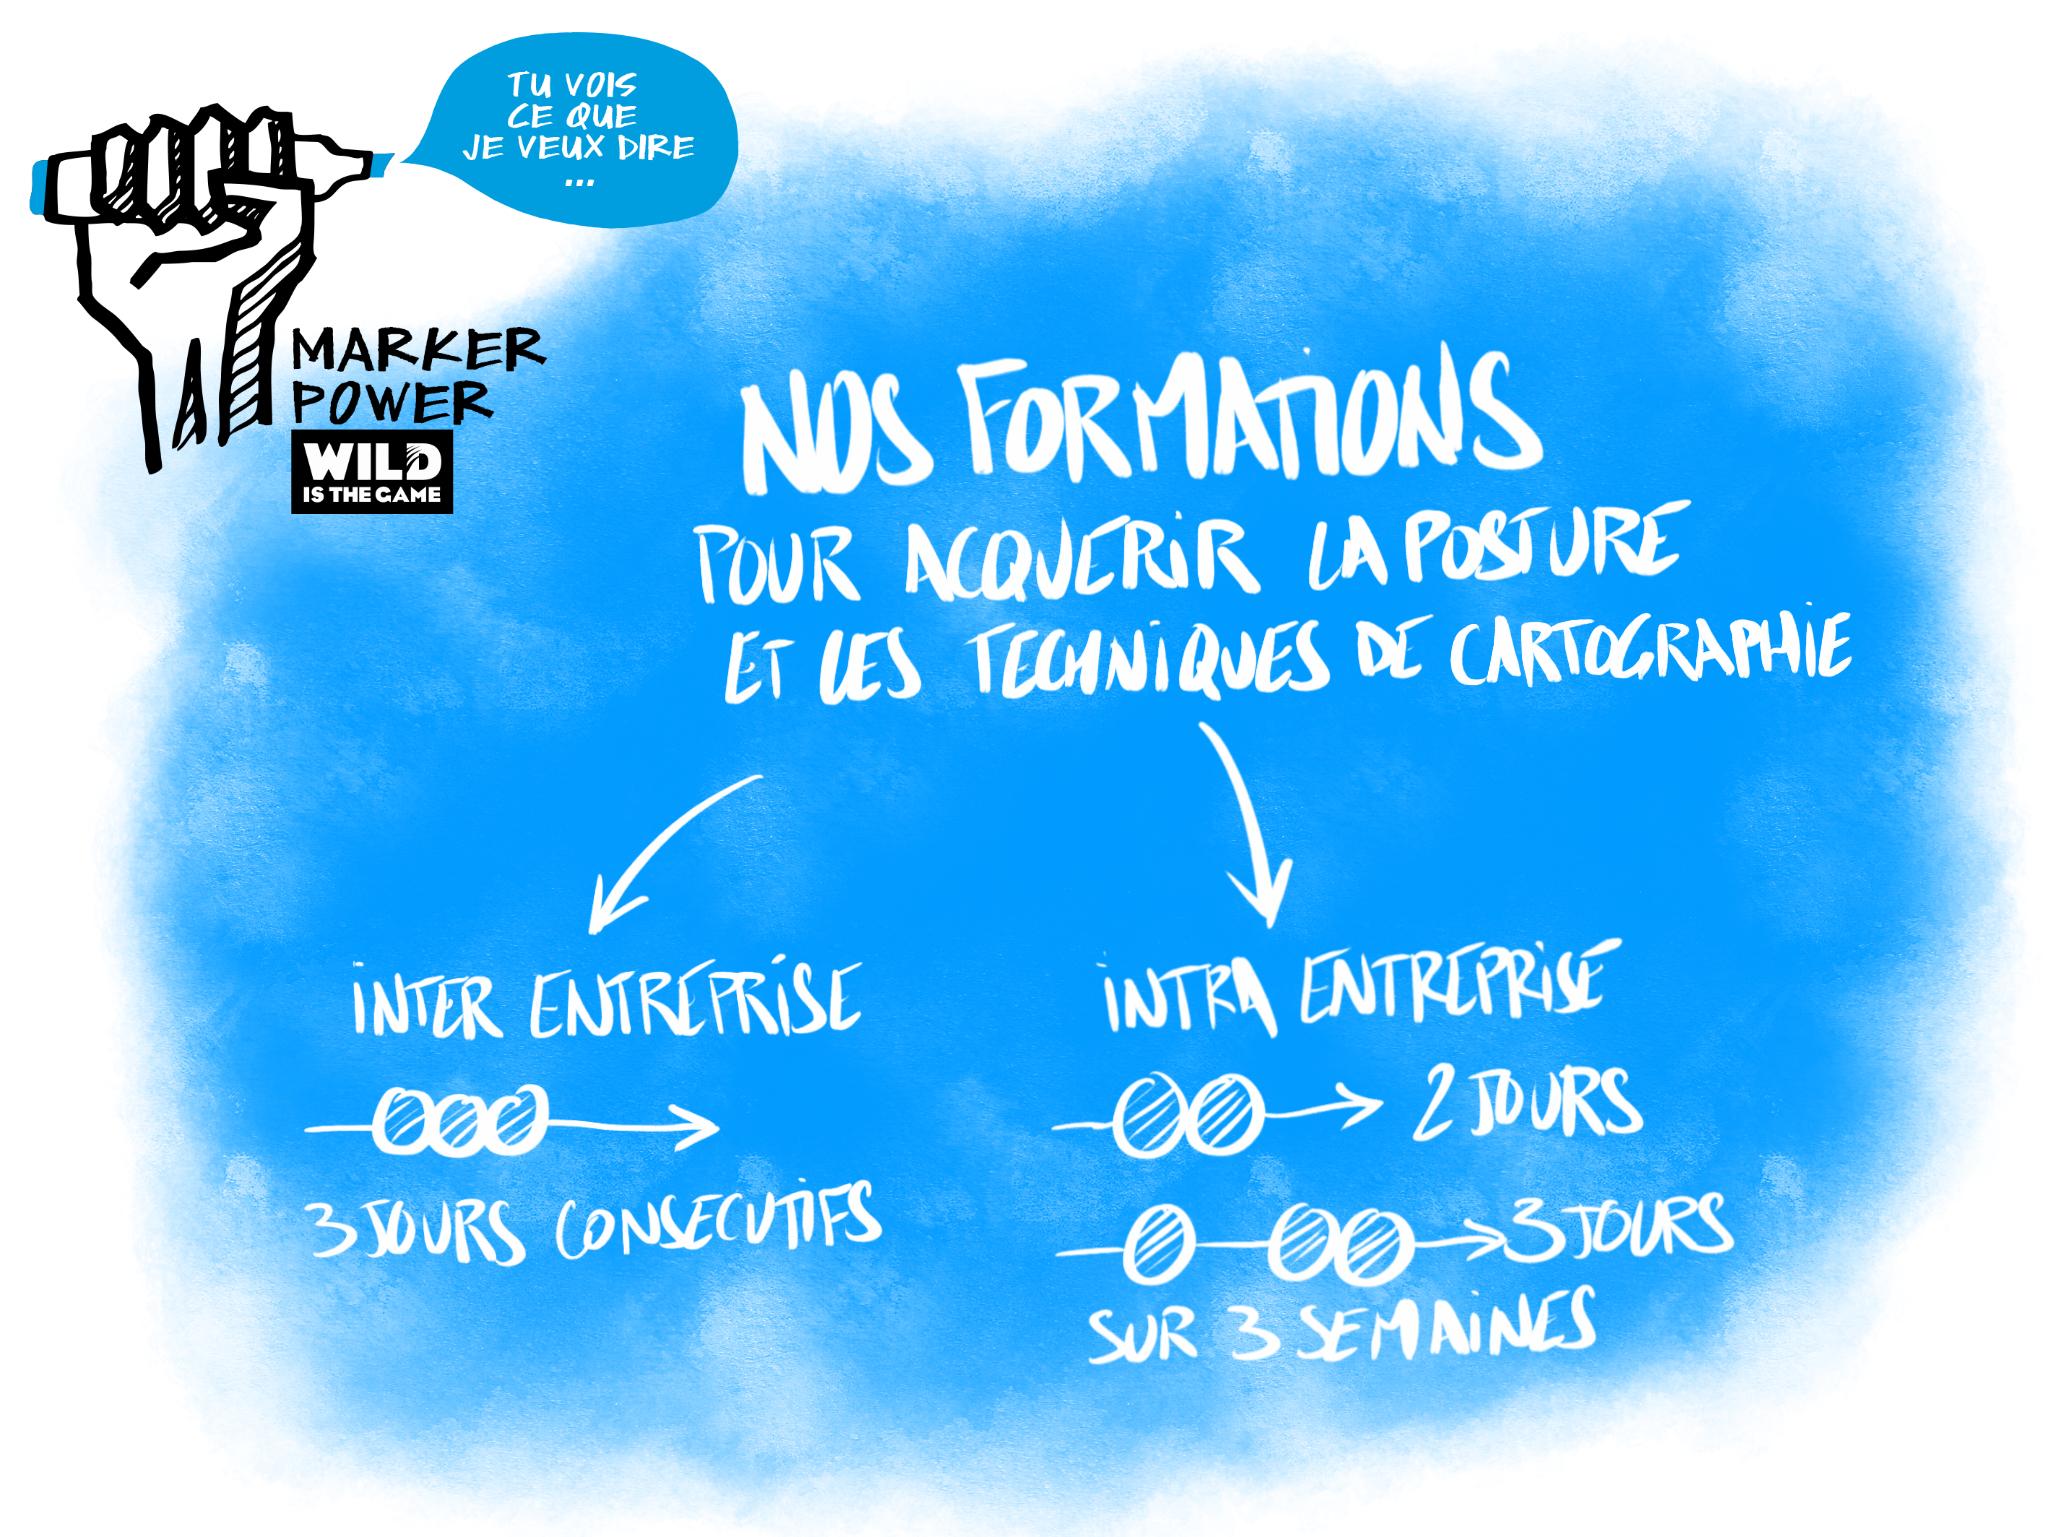 Les formations de Nicolas Gros en Facilitation Graphique